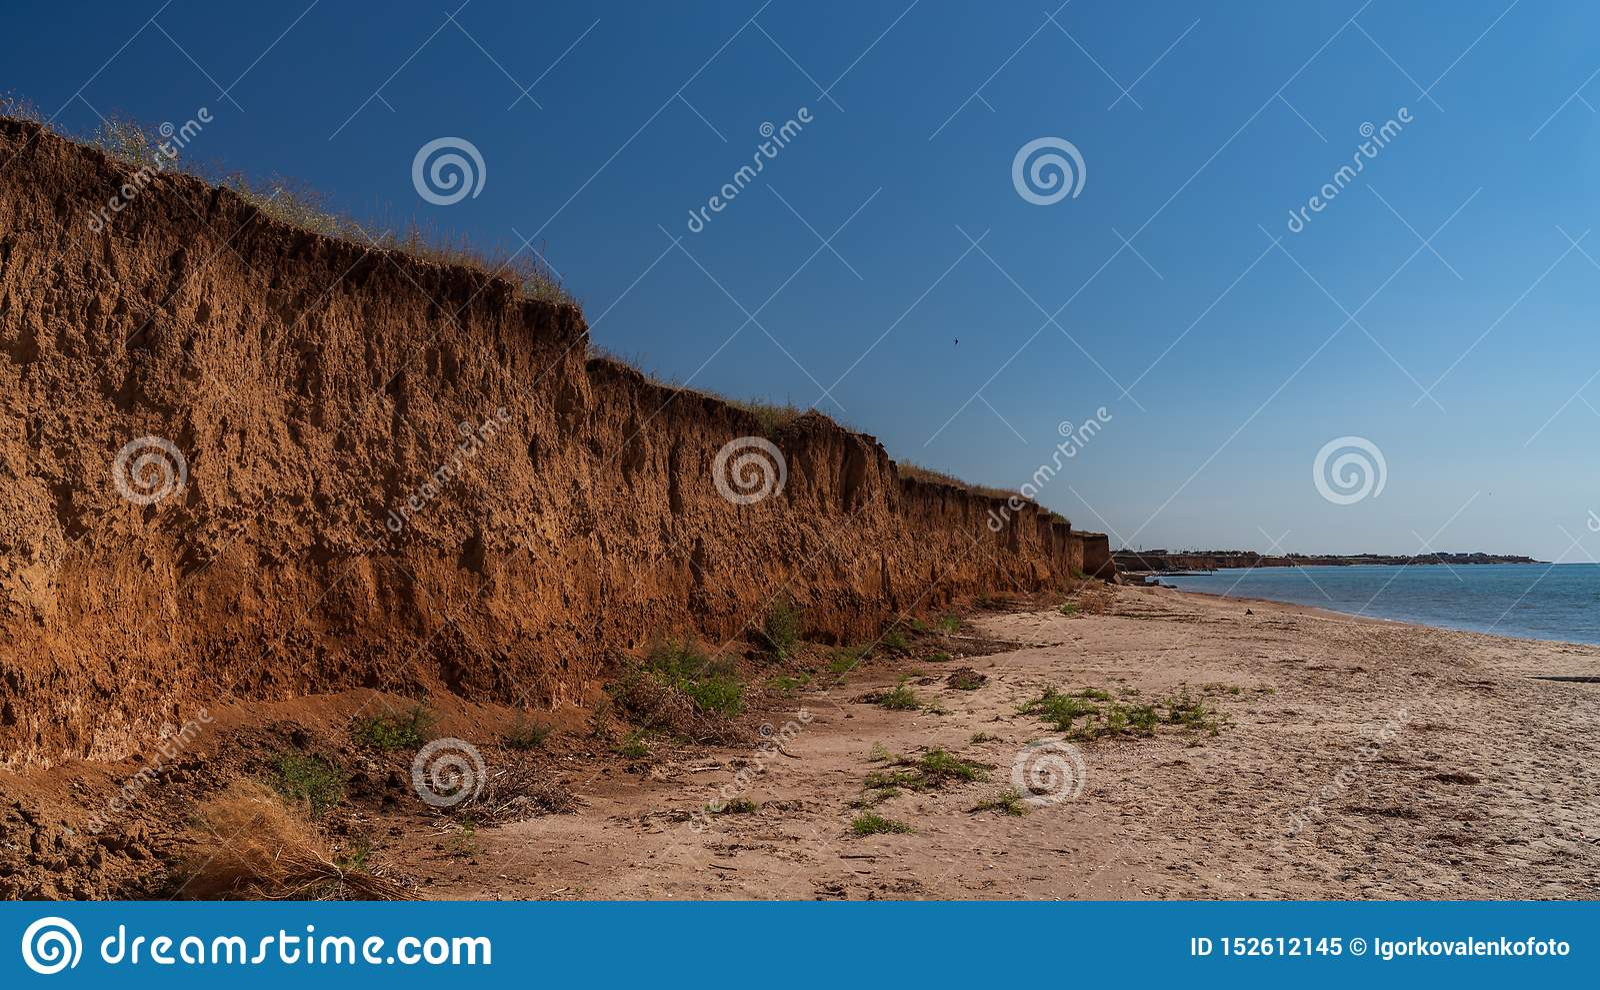 Precipicio en el mar de Azov, paisaje